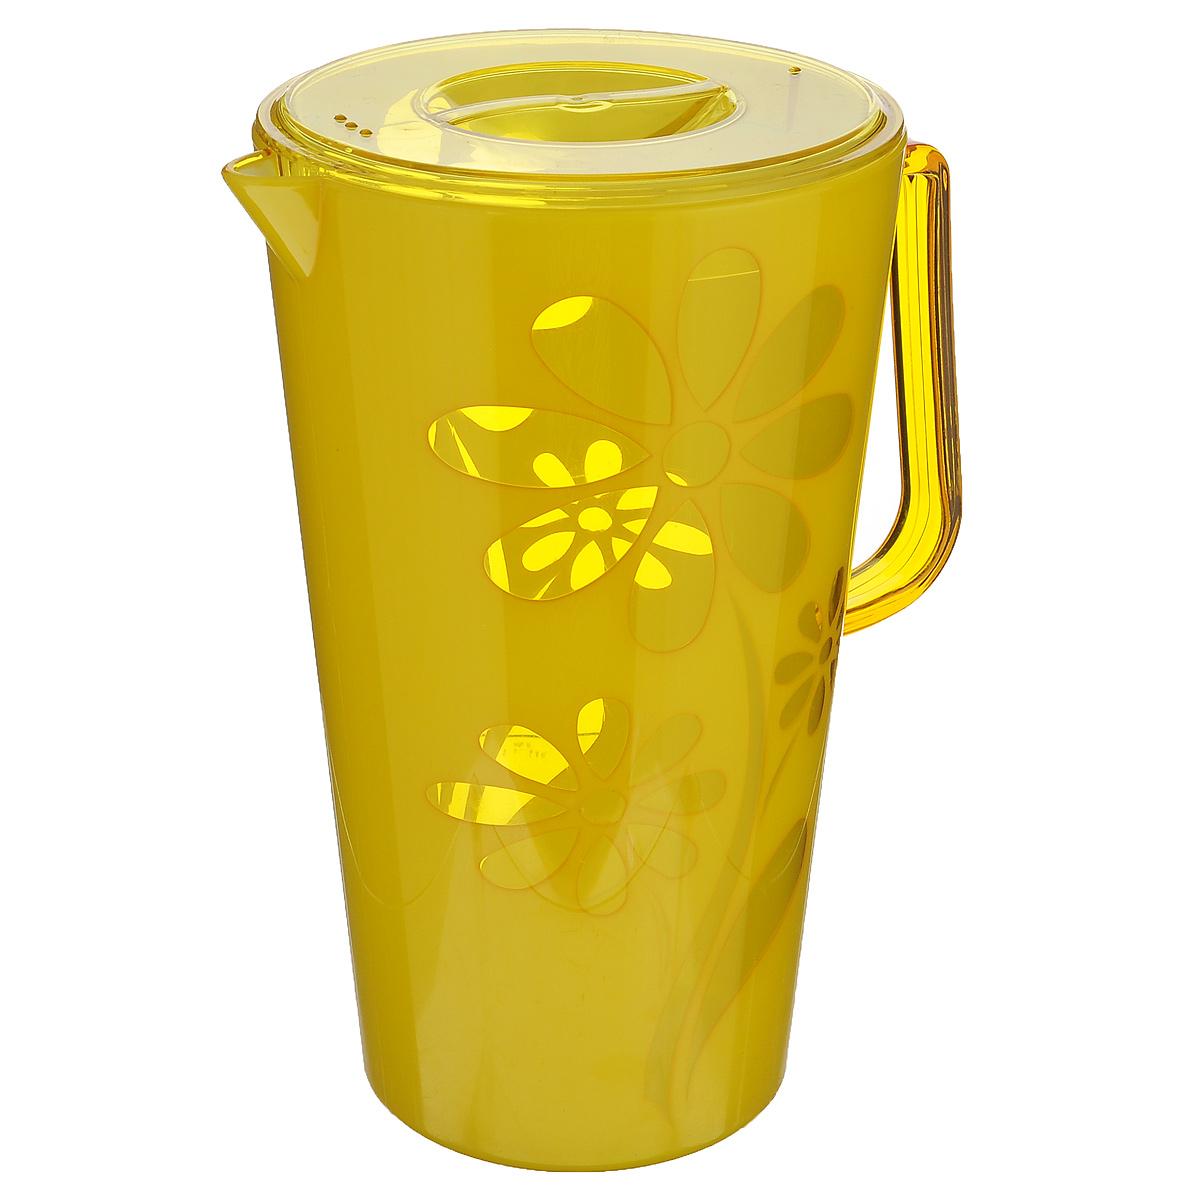 Кувшин Альтернатива Соблазн, с крышкой, цвет: желтый, 2,5 лM2303Кувшин Альтернатива Соблазн, выполненный из высококачественного пластика и декорированный ярким цветочным рисунком, элегантно украсит ваш стол. Кувшин оснащен удобной ручкой и плотно закрывающейся пластиковой крышкой. Изделие имеет носик для выливания жидкости. Подойдет для подачи воды, сока, компота и других напитков. Кувшин Альтернатива Соблазн дополнит интерьер вашей кухни и станет замечательным подарком к любому празднику. Объем: 2,5 л. Диаметр (по верхнему краю): 14,5 см. Диаметр основания: 10,5 см. Высота кувшина: 24 см.